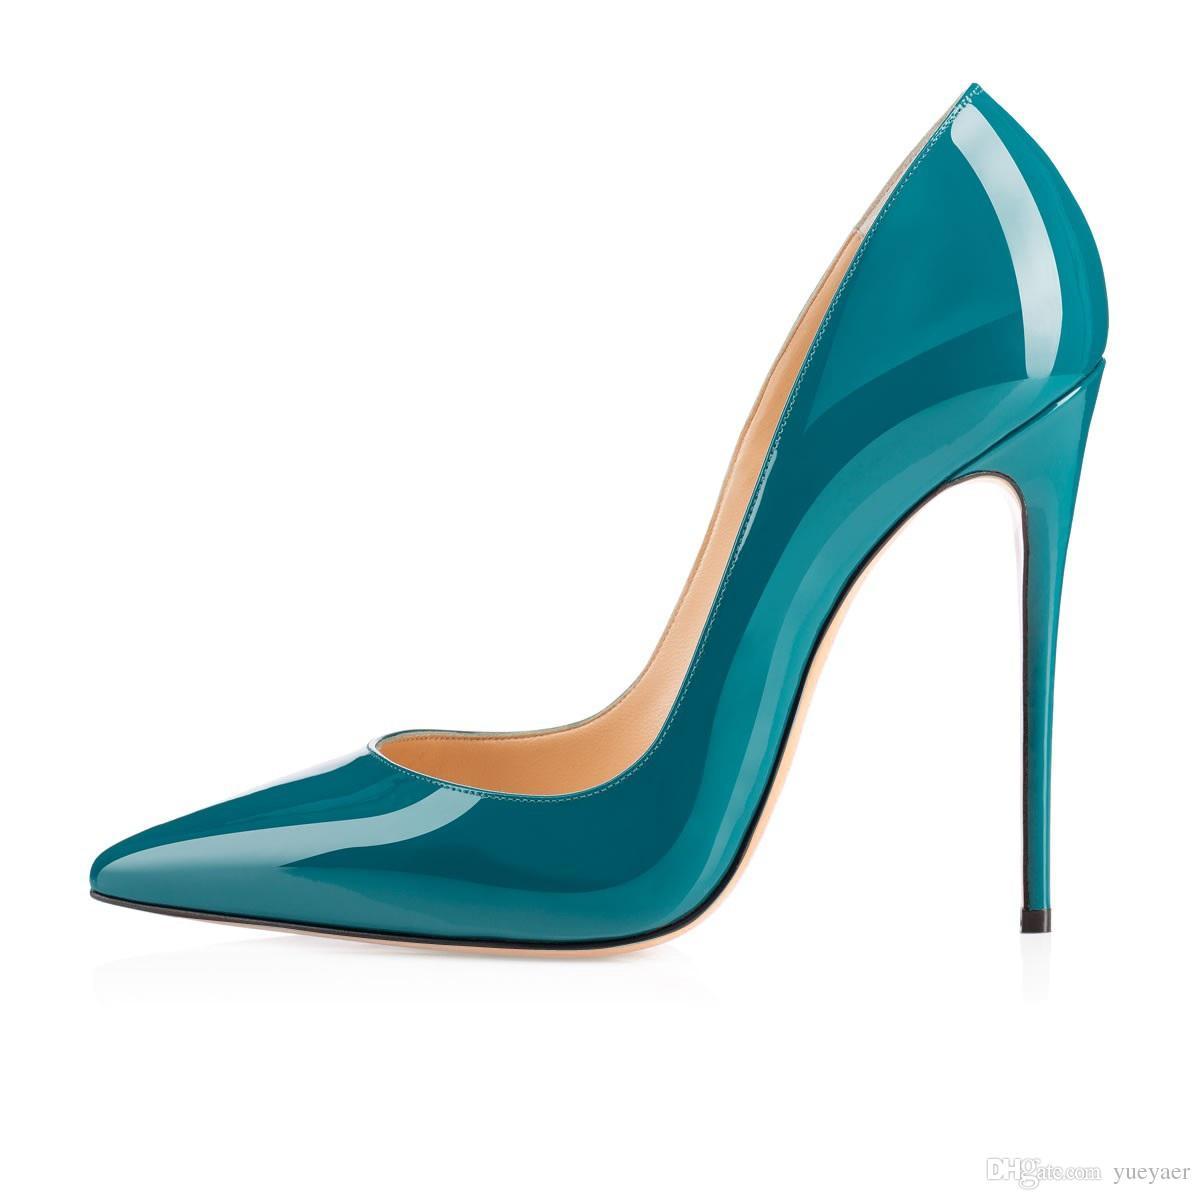 Zandina Ladies Handmade Fashion ASO-kate 120 millimetri scarpe a punta tacco partito classico tacco sottile scarpe a spillo verde scuro